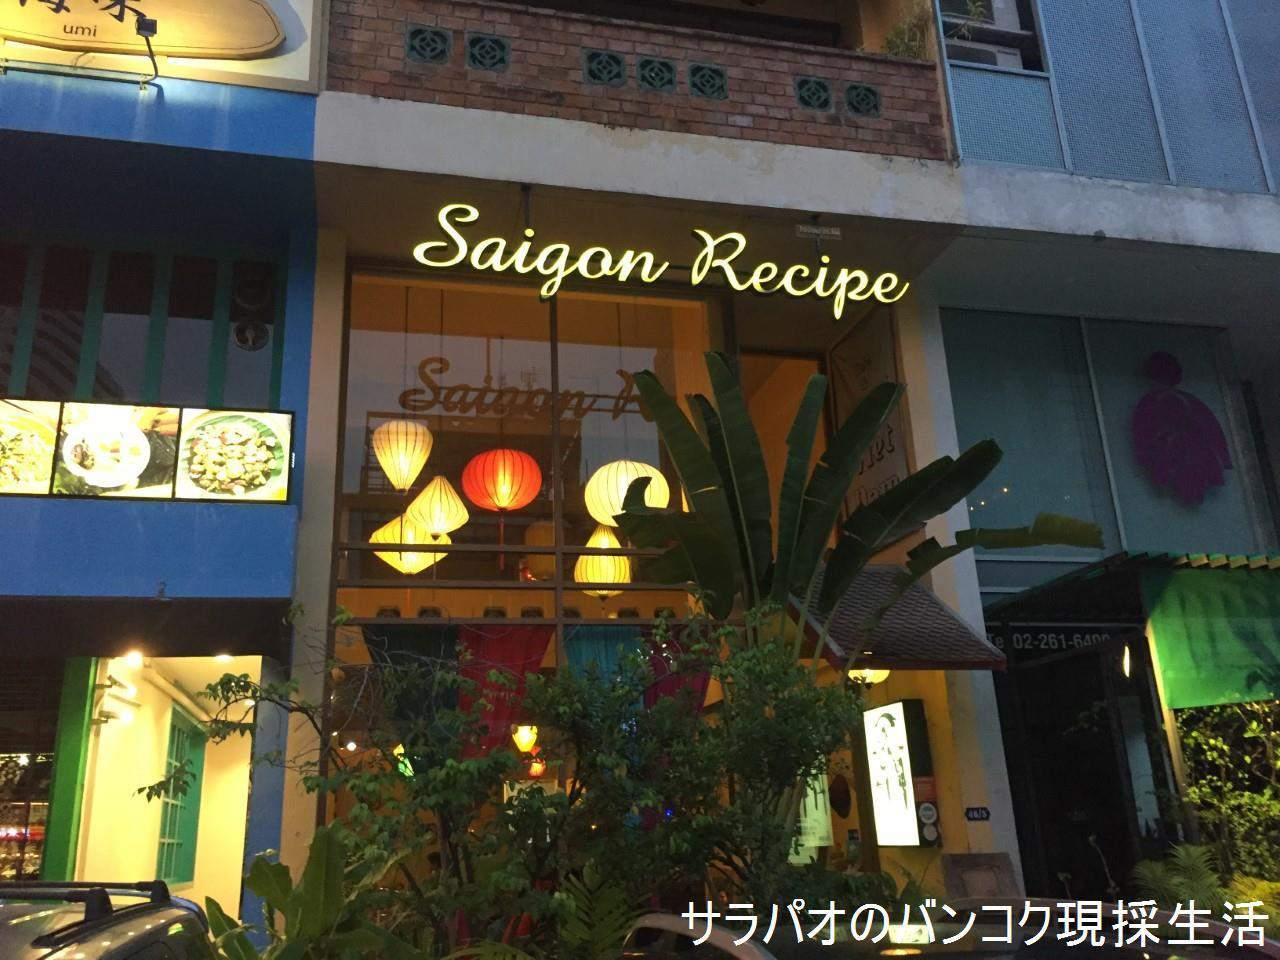 SaigonRecipe_01.jpg